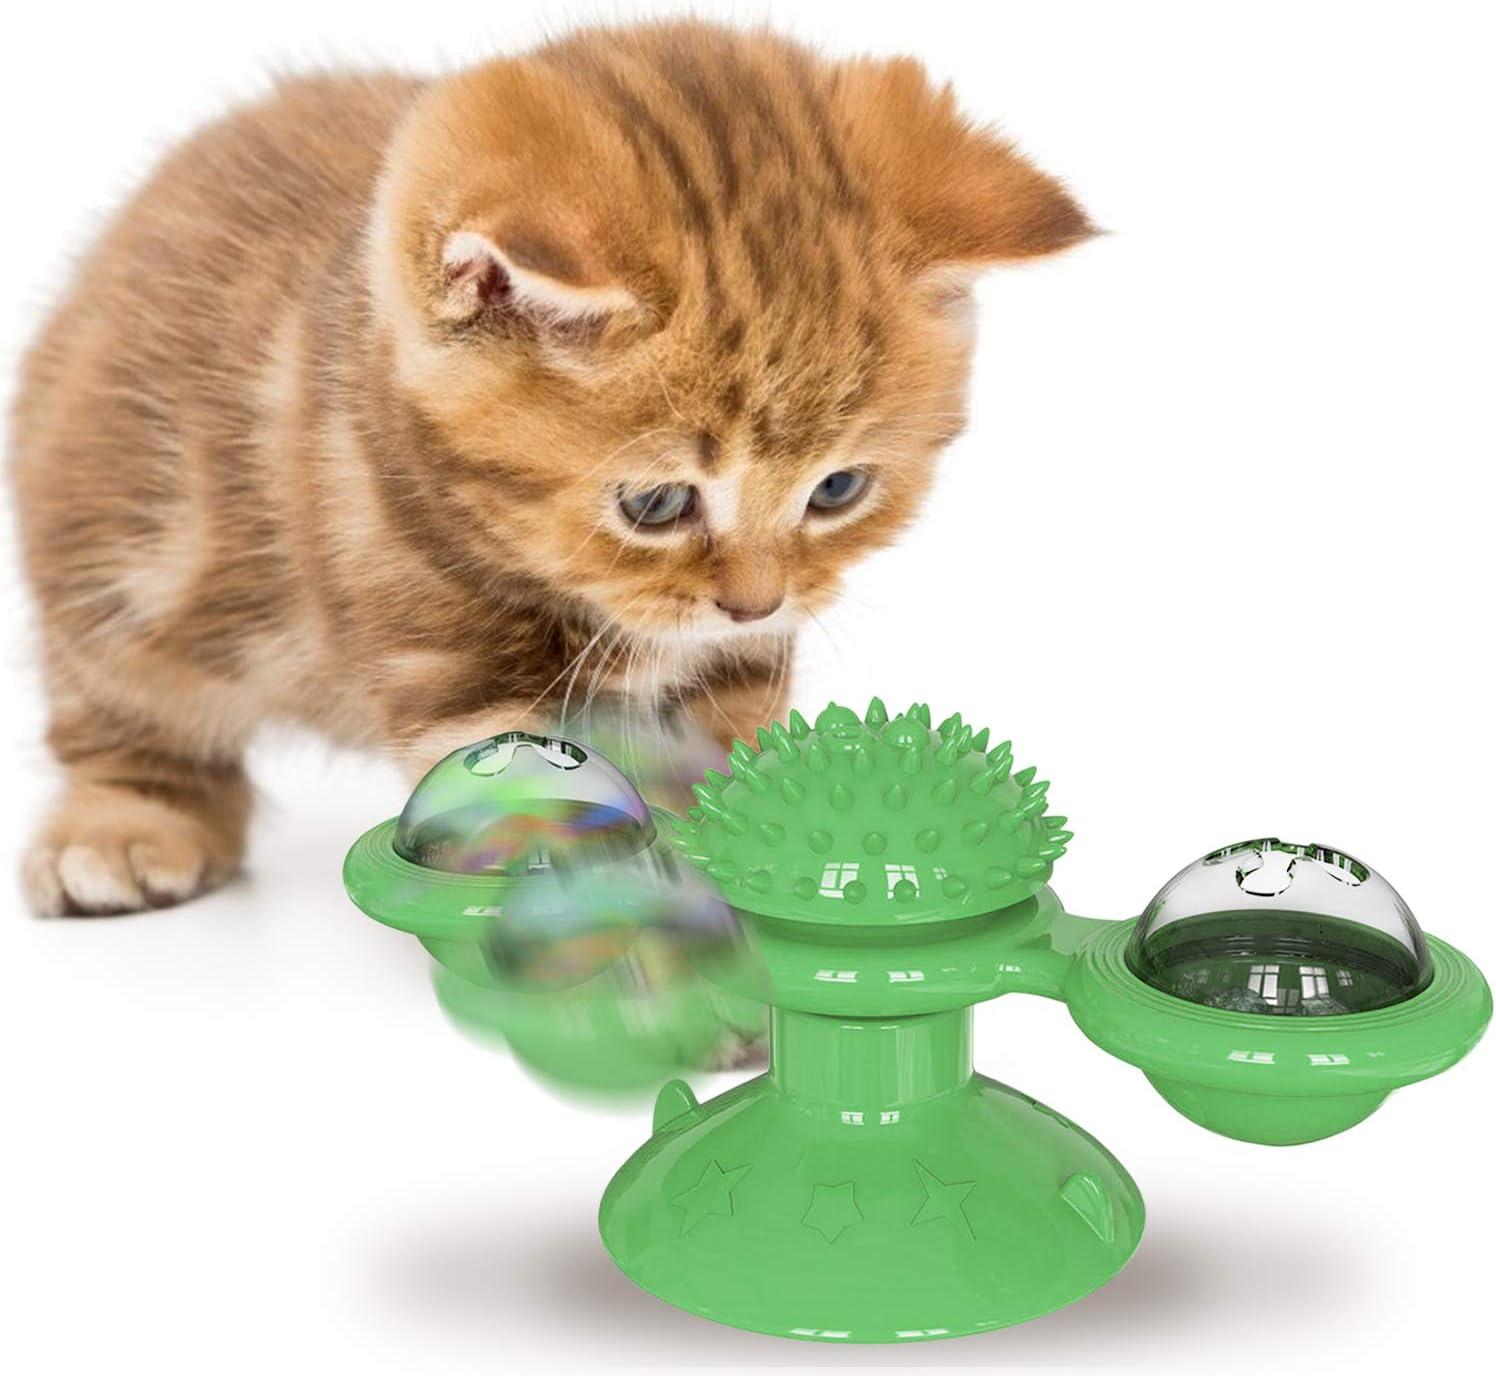 Automoness Juguetes para Gatos con Hierba Gatera,Windmill Cat Toy,Juguete Interactivo para burlas de Tocadiscos Cat, Bola de Molino de Viento de Gatito divertid (Verde): Amazon.es: Productos para mascotas